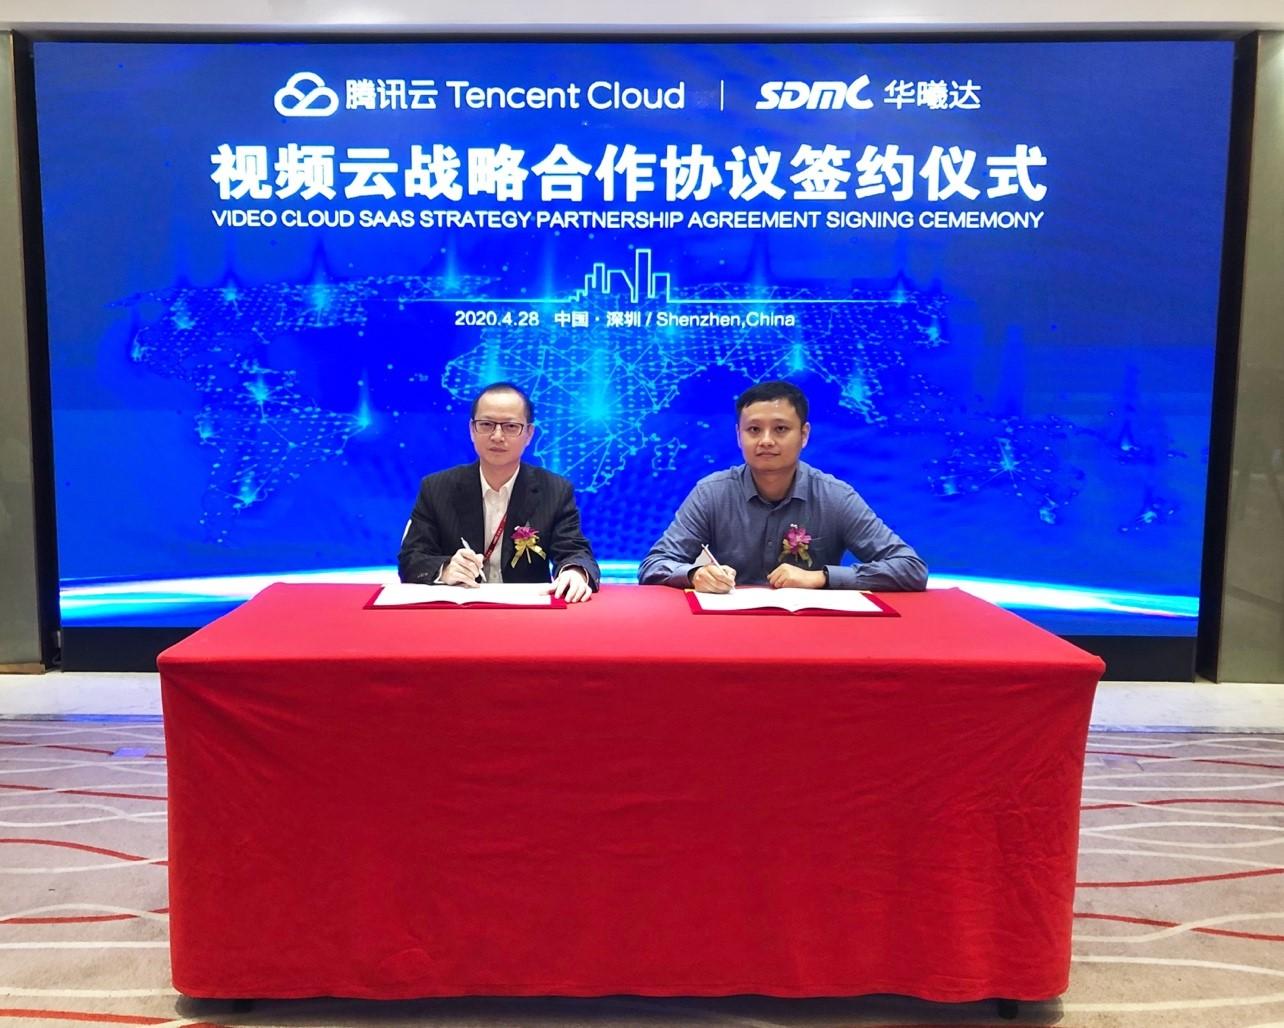 华曦达与腾讯云达成战略合作,共同拓展视频云市场